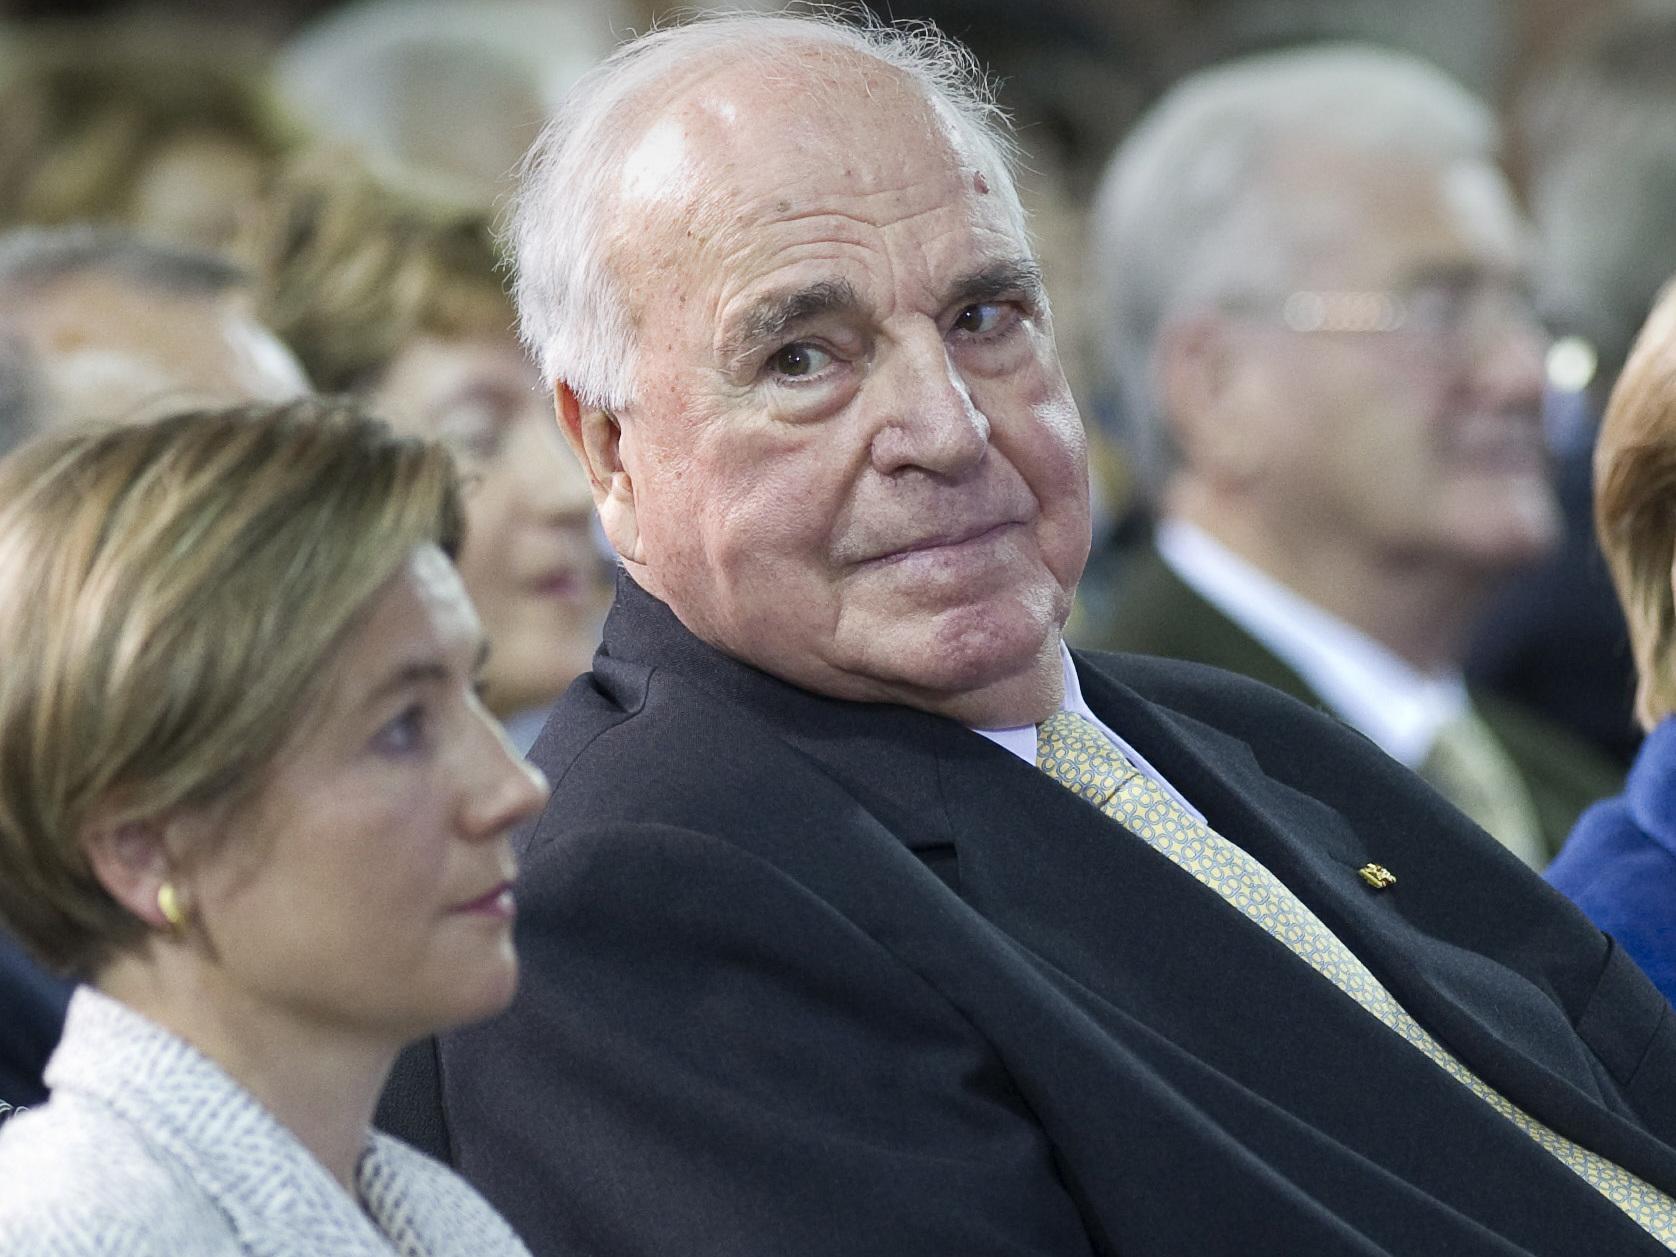 Altkanzler Kohl ruft seine Partei zur Ordnung